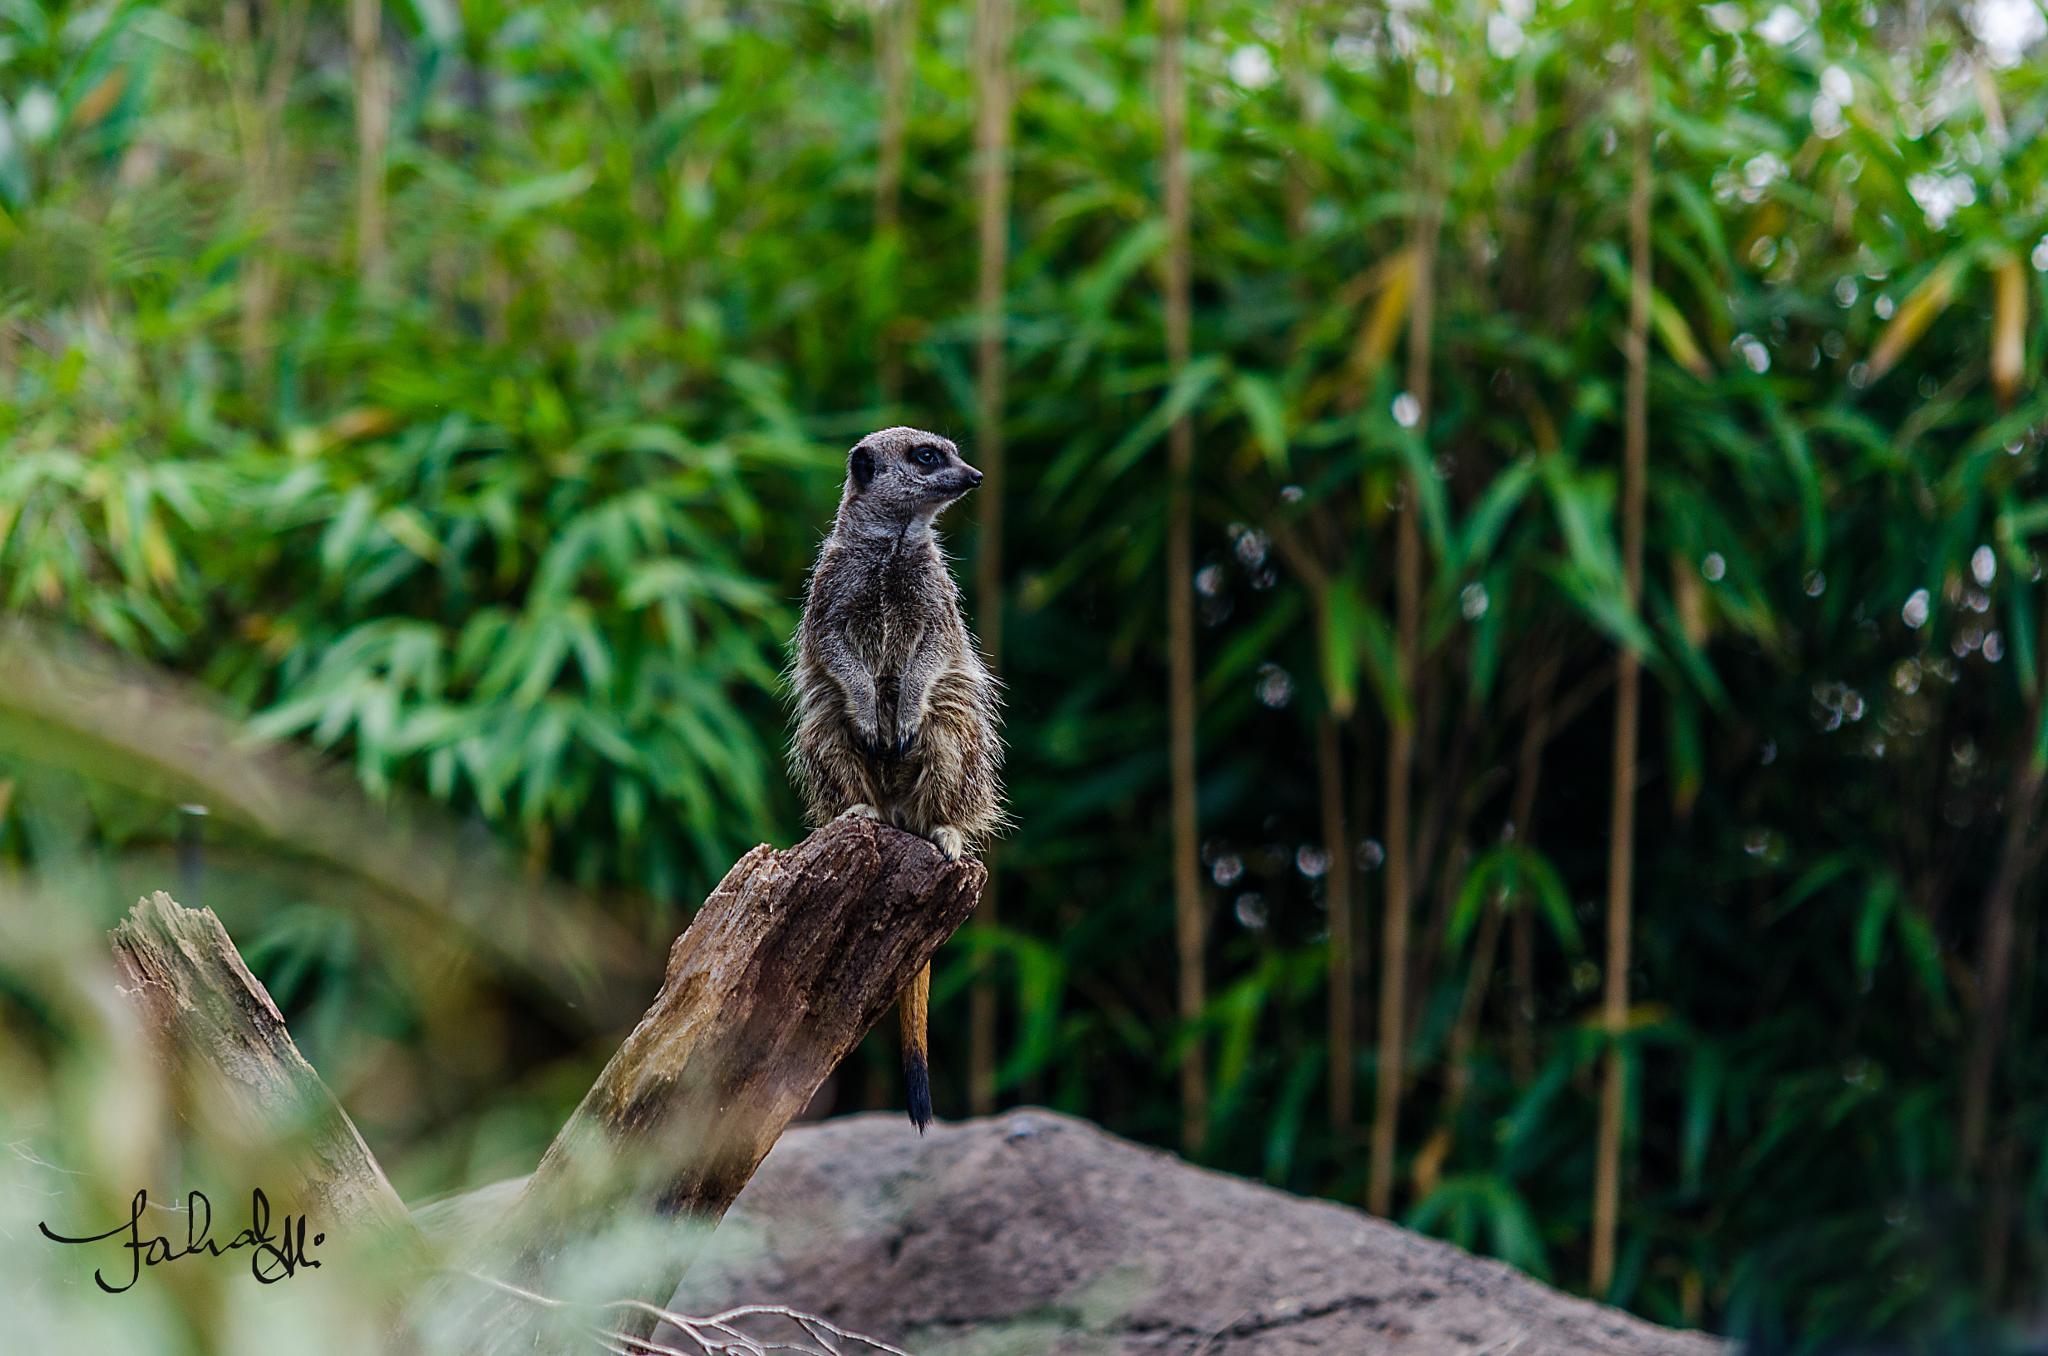 Meerkats by Fahad Bhatti